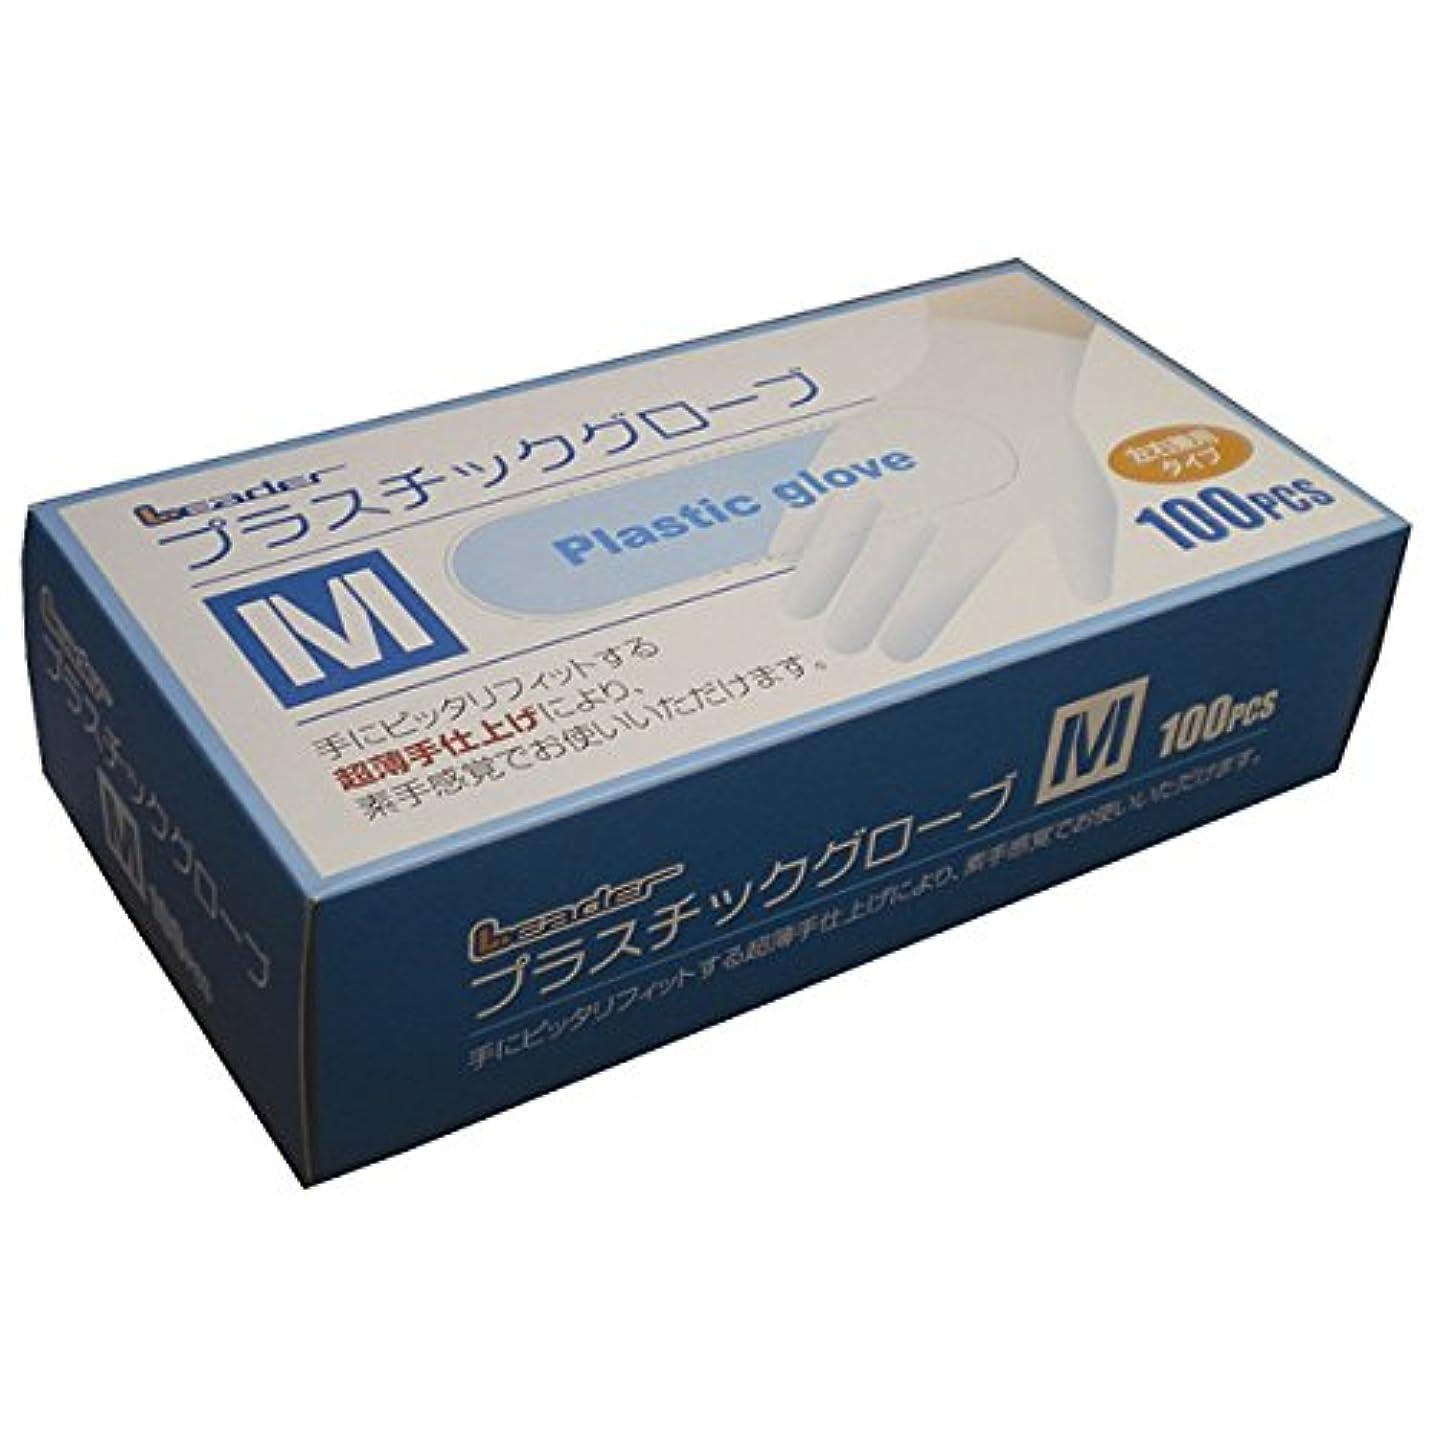 発見やりがいのある日帰り旅行に日進医療器株式会社:LEプラスチックグローブMサイズ100P 10個入 784492